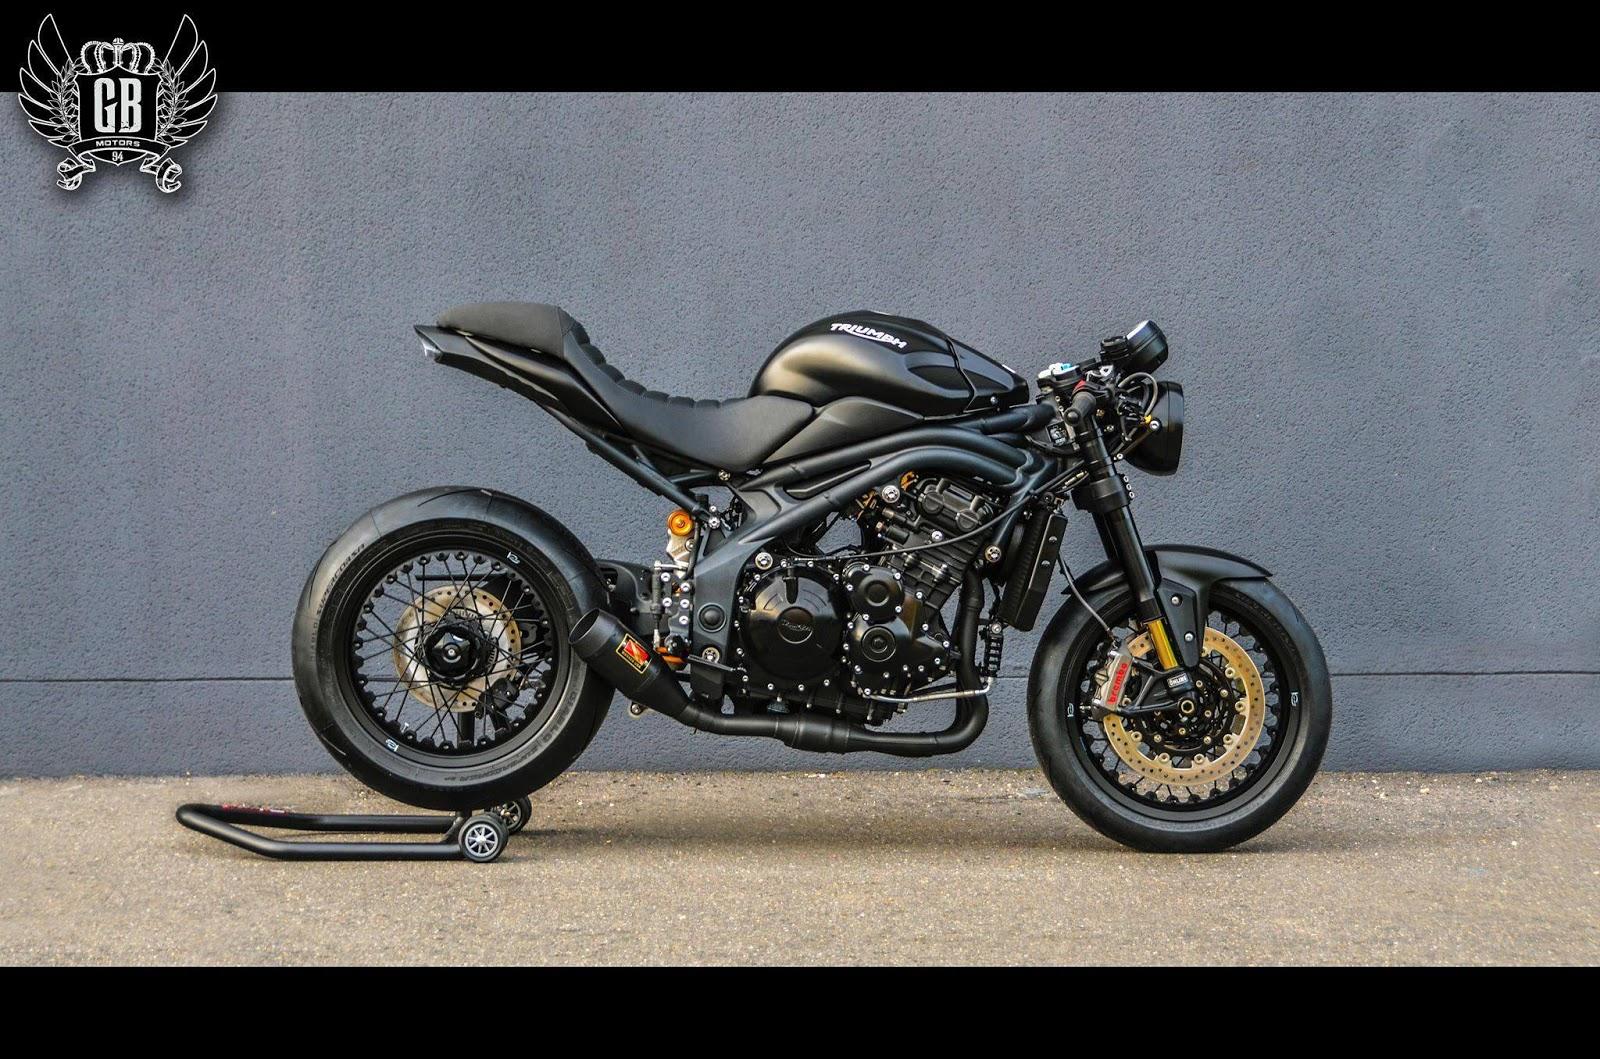 caf noir speed triple 1050 r abs rocketgarage cafe racer magazine. Black Bedroom Furniture Sets. Home Design Ideas